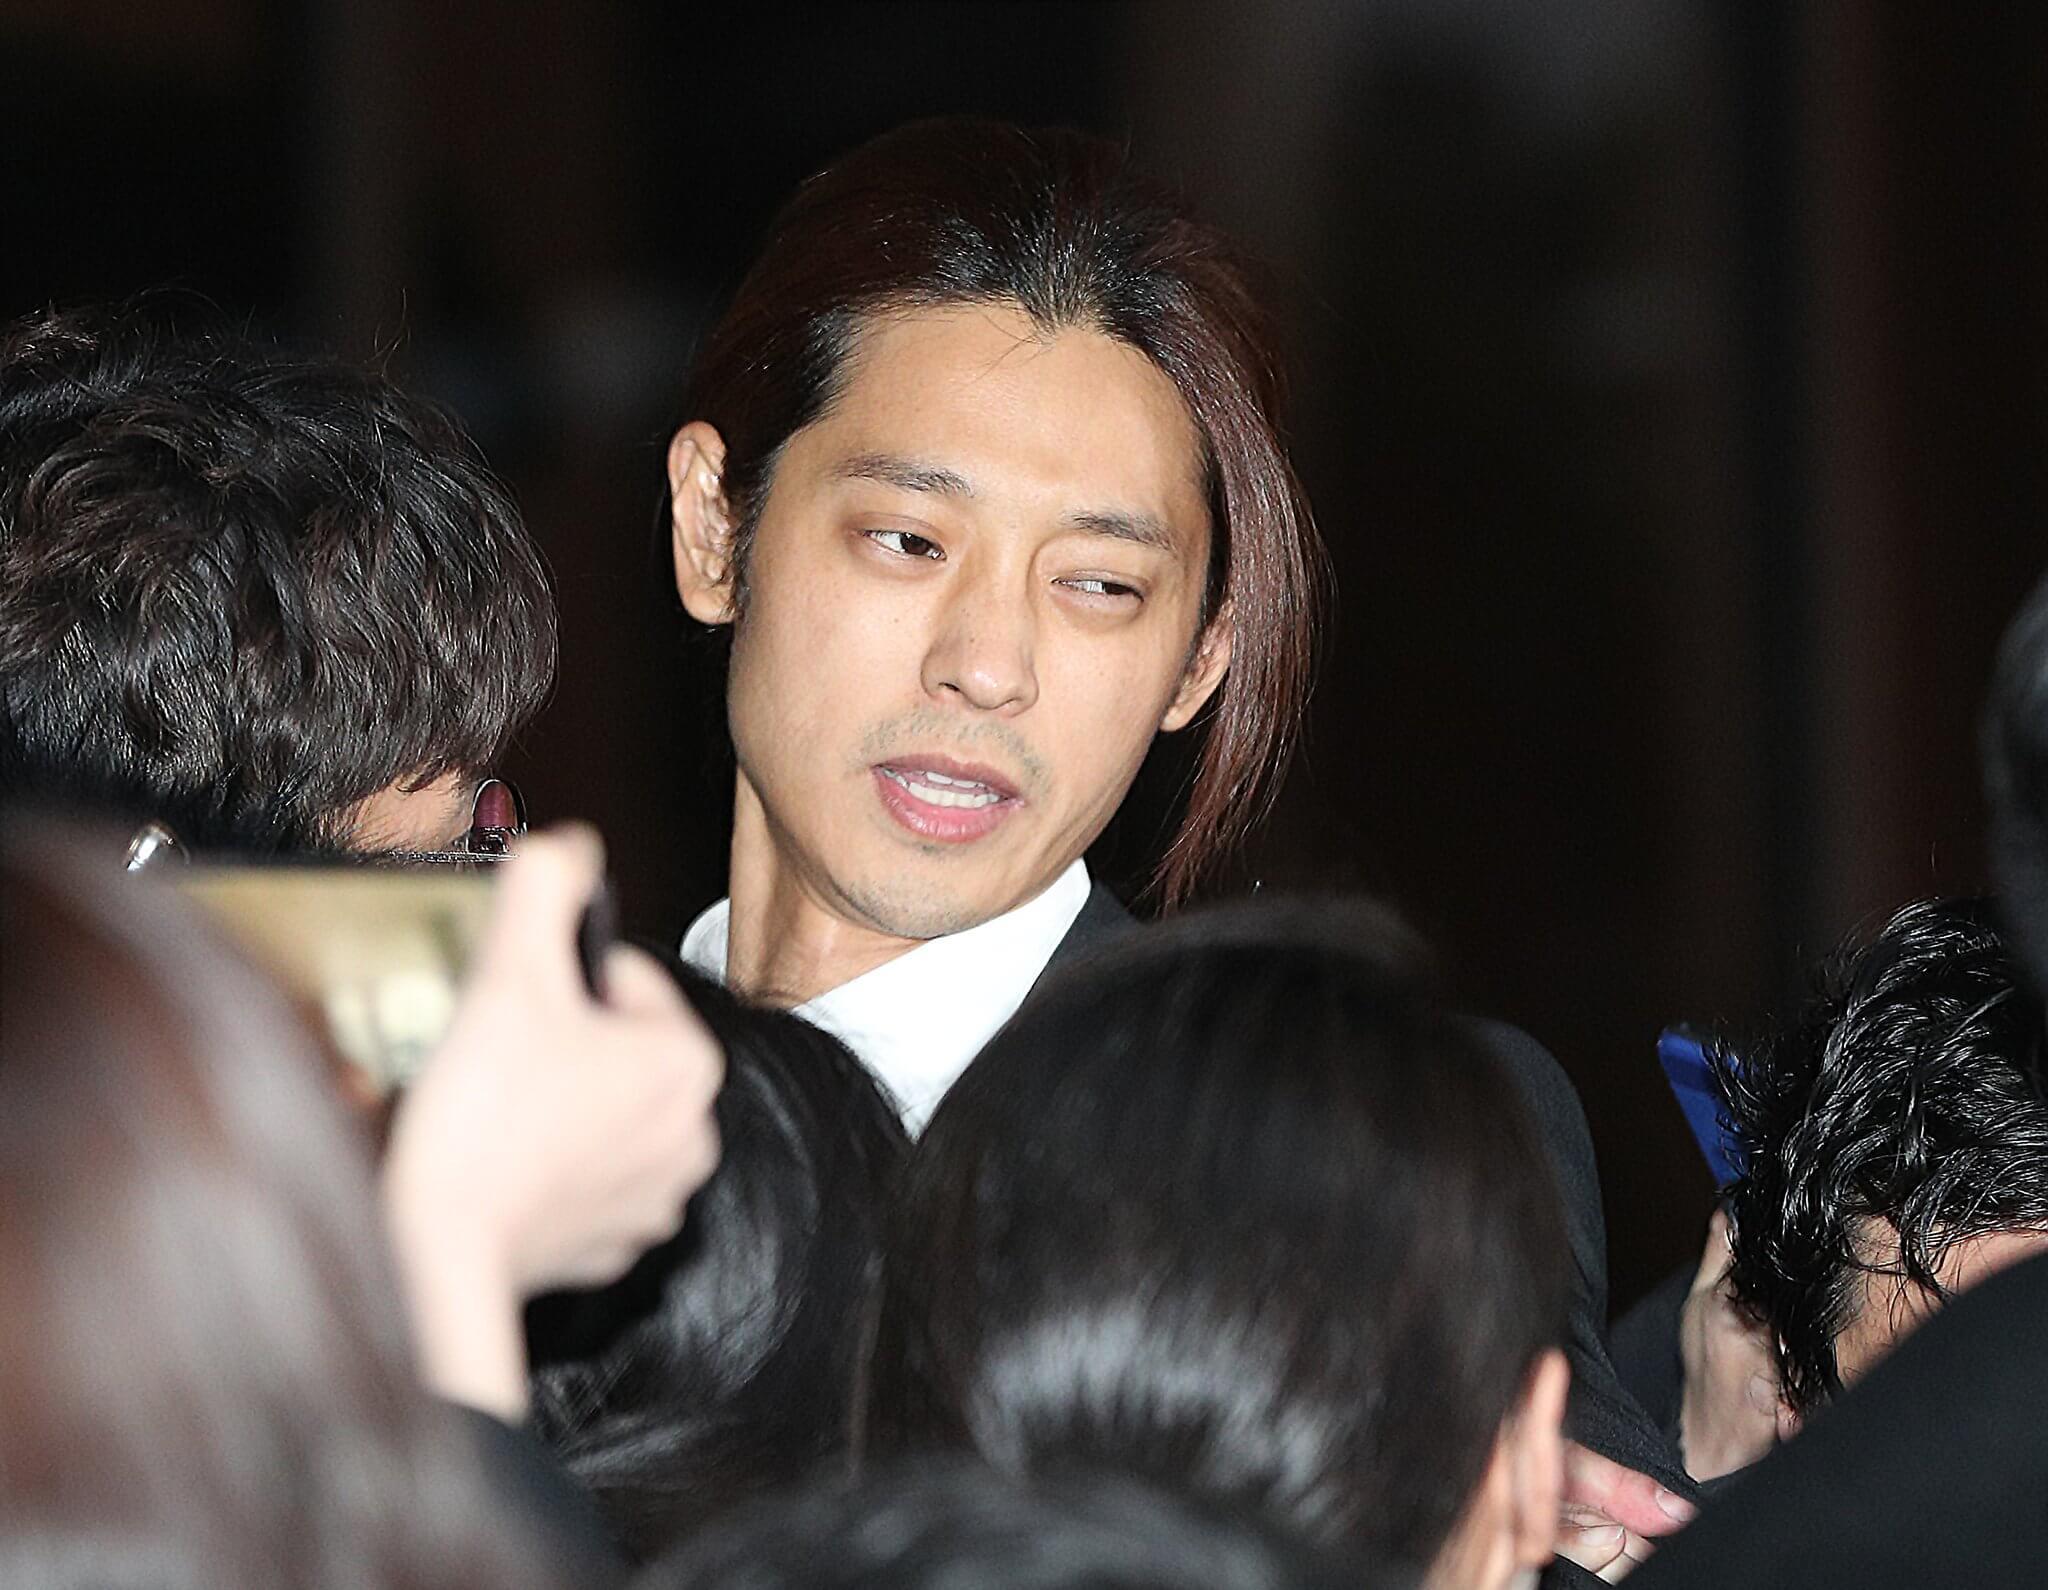 事件主角之一的鄭俊英現時已被拘留